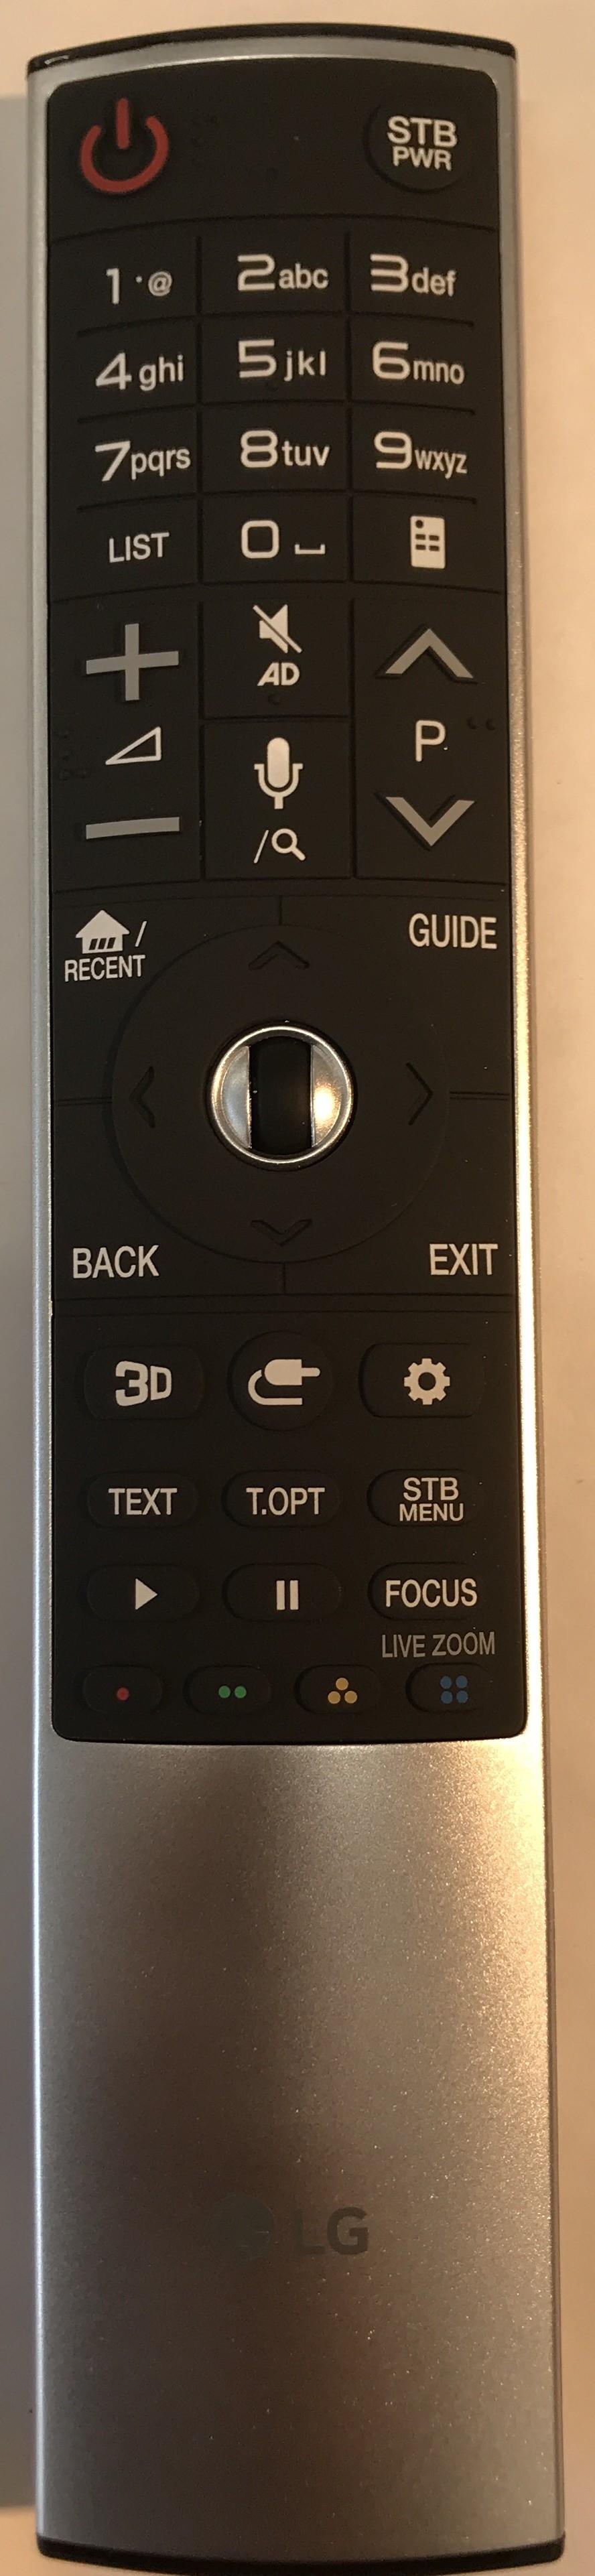 LG 55LA965W-ZA Magic Remote Control Original